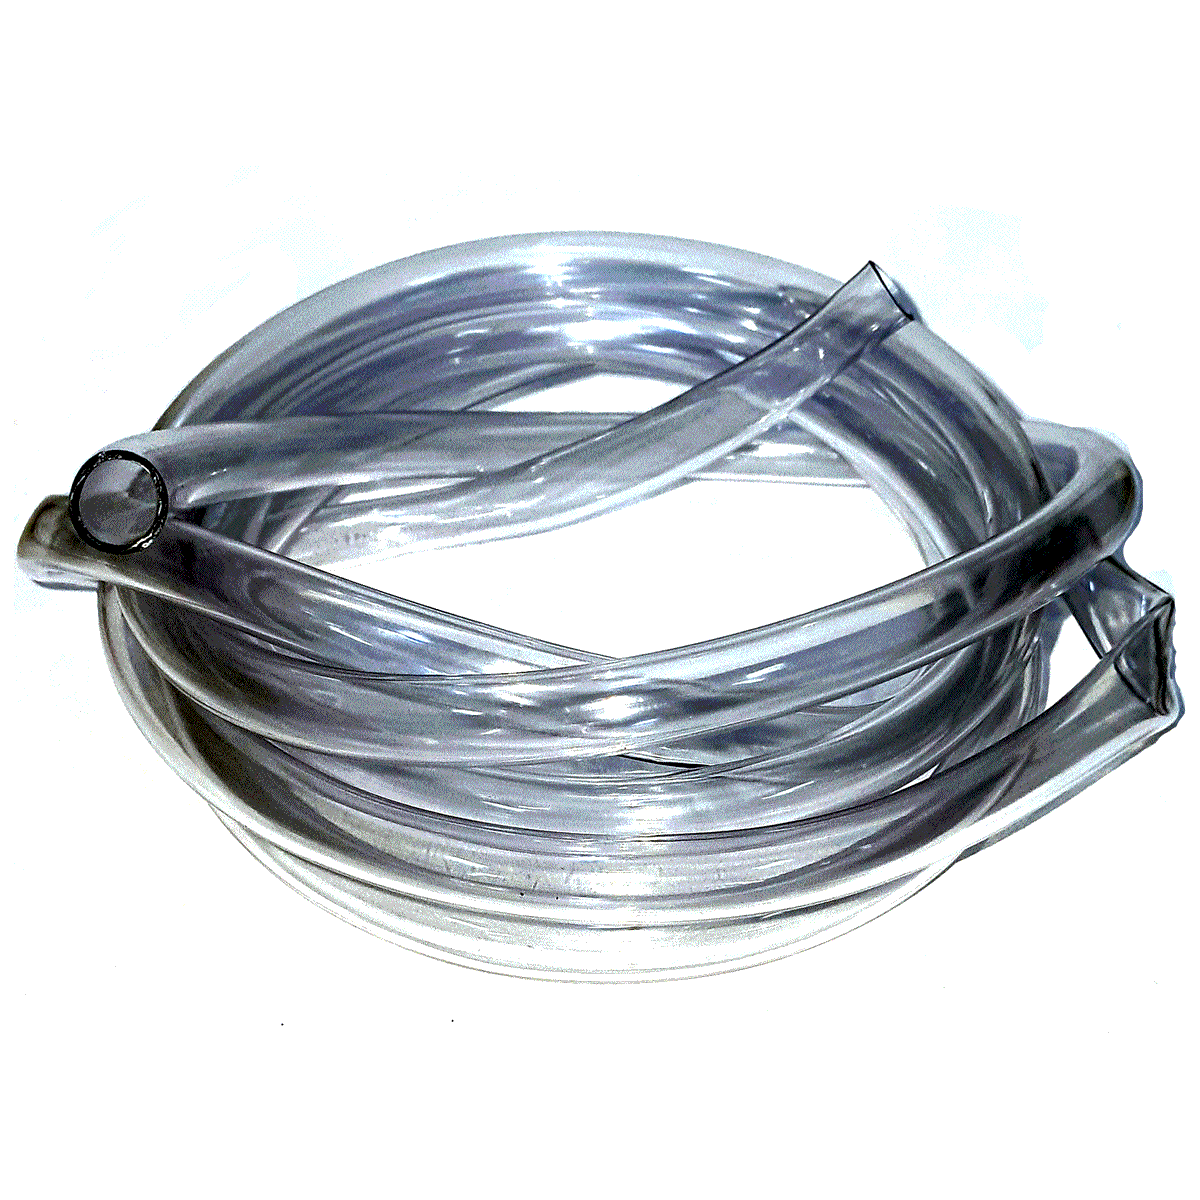 Mangueira 1m Plástica Cristal para Água 5/16 x 1 mm GNV 1ª a 4ª geração